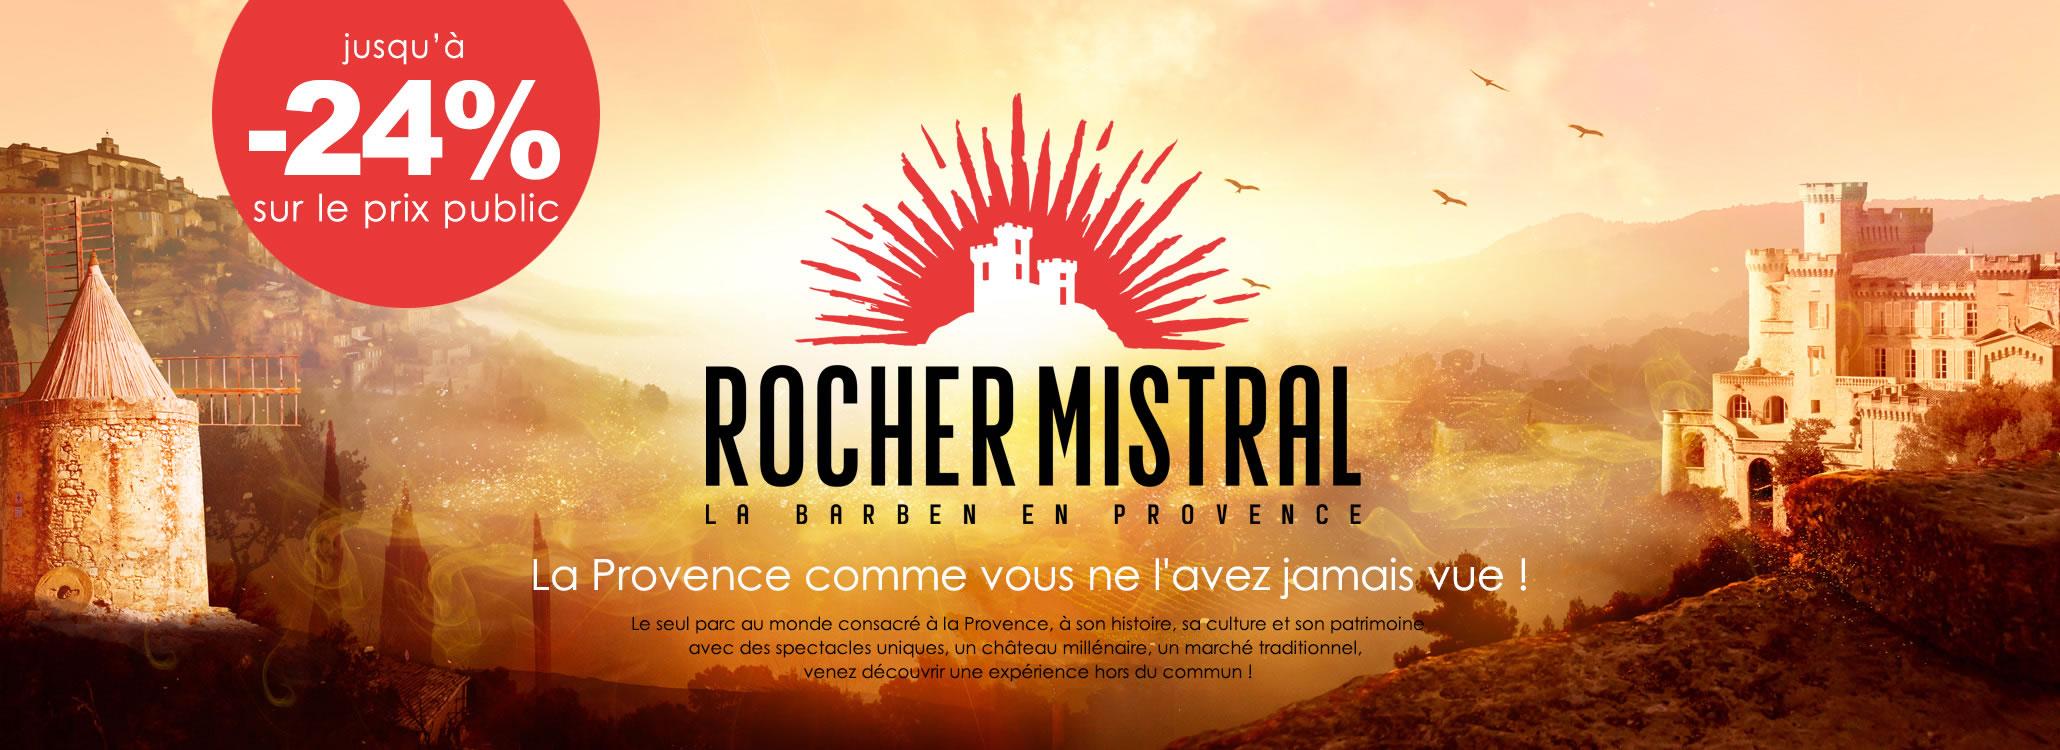 ROCHER-MISTRAL-070721